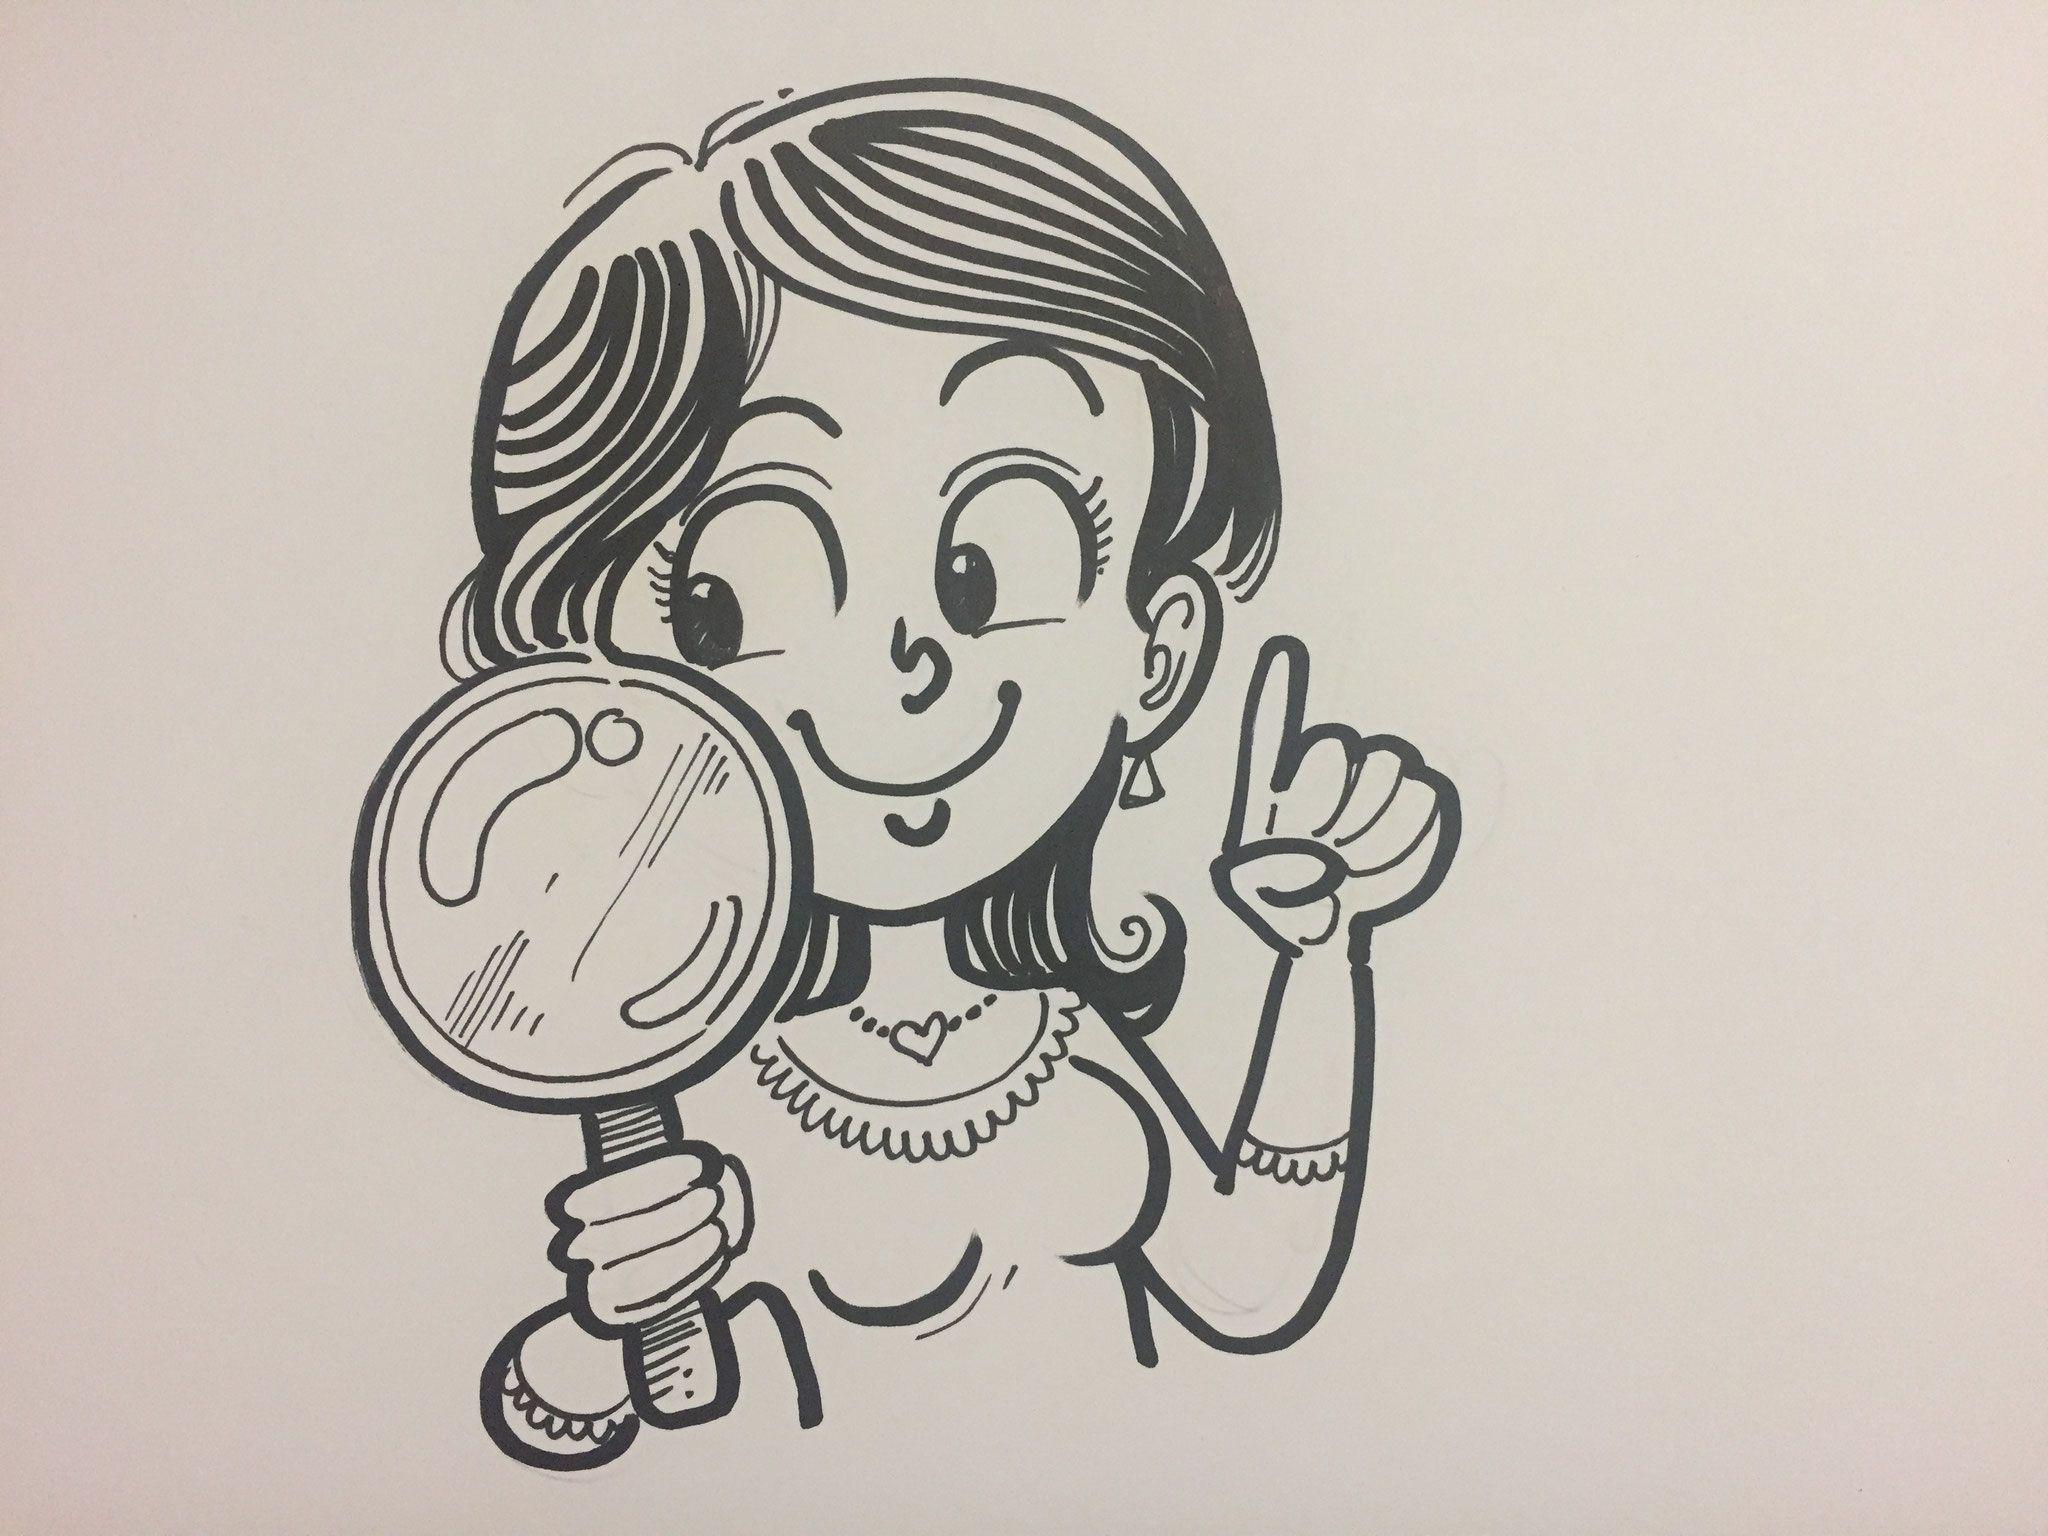 Descarga Gratis El Glosario Toon Para Tus Prácticas De Caricatura Página Web De Ivanevsky Dibujo De Caricaturas Estilos De Dibujo Dibujar Rostros